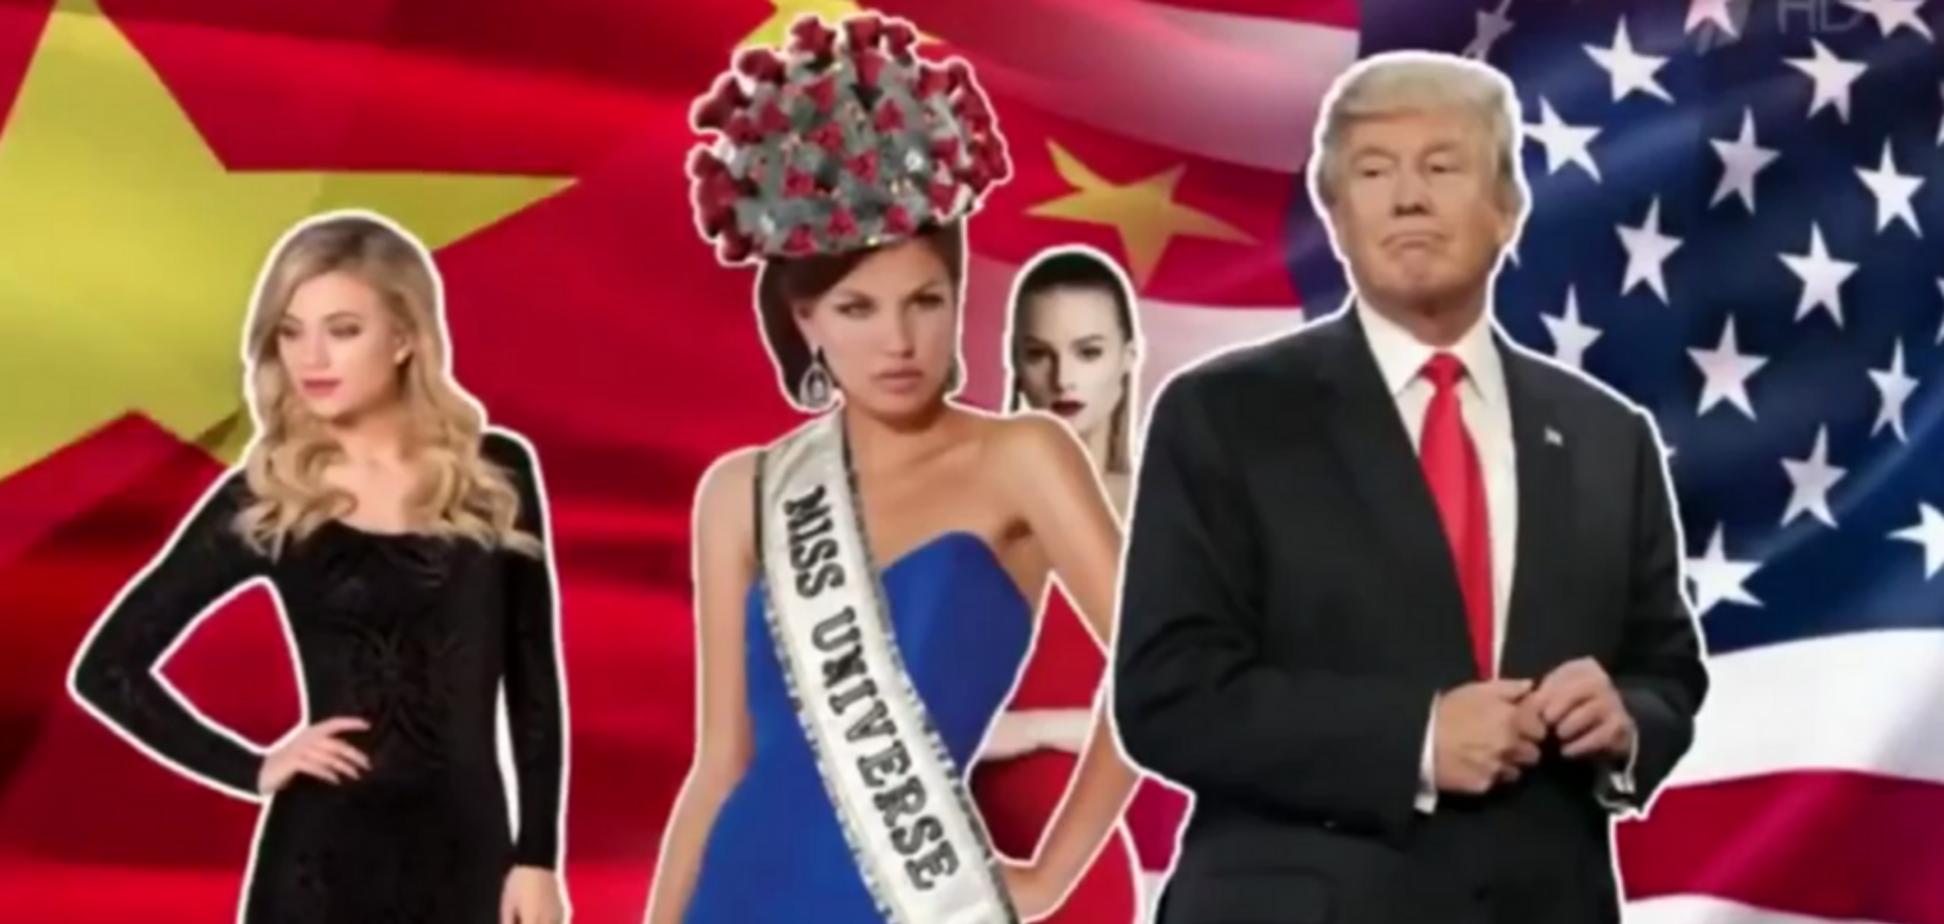 Трамп 'вырастил' коронавирус: российская пропаганда жестко оскандалилась в эфире